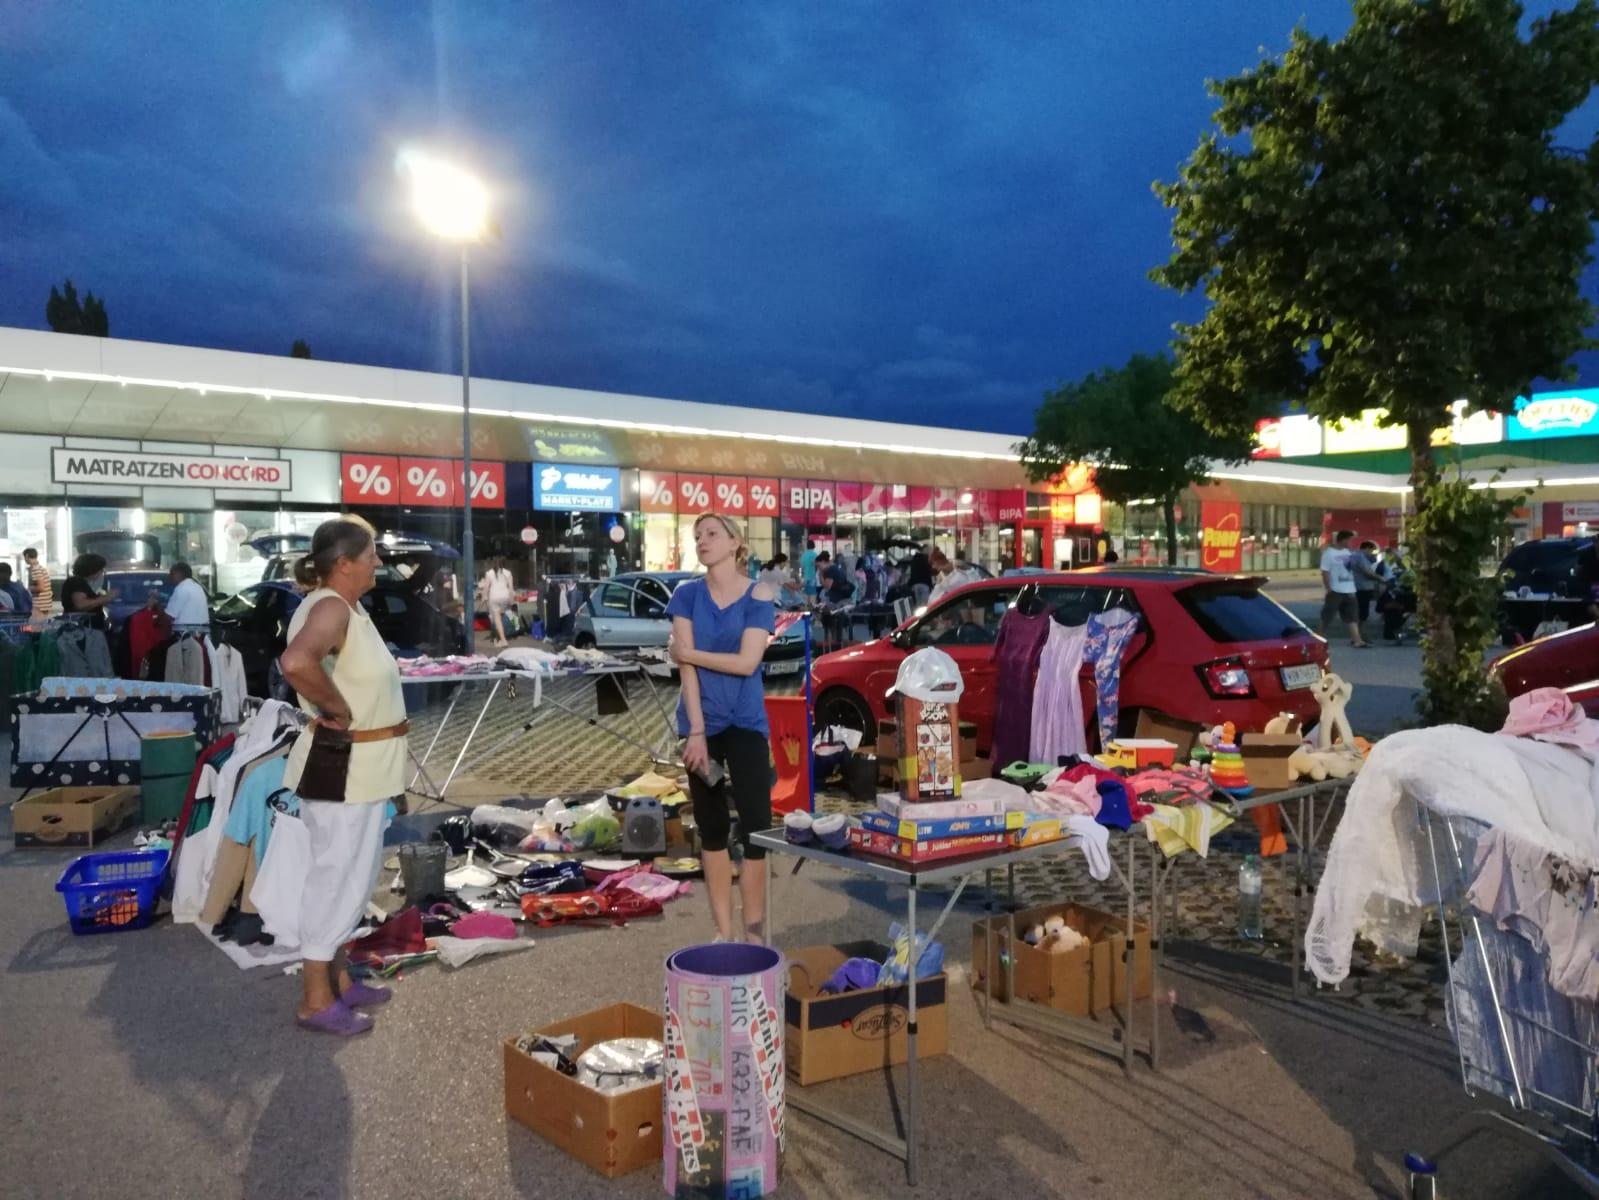 Nord Flohmarkt